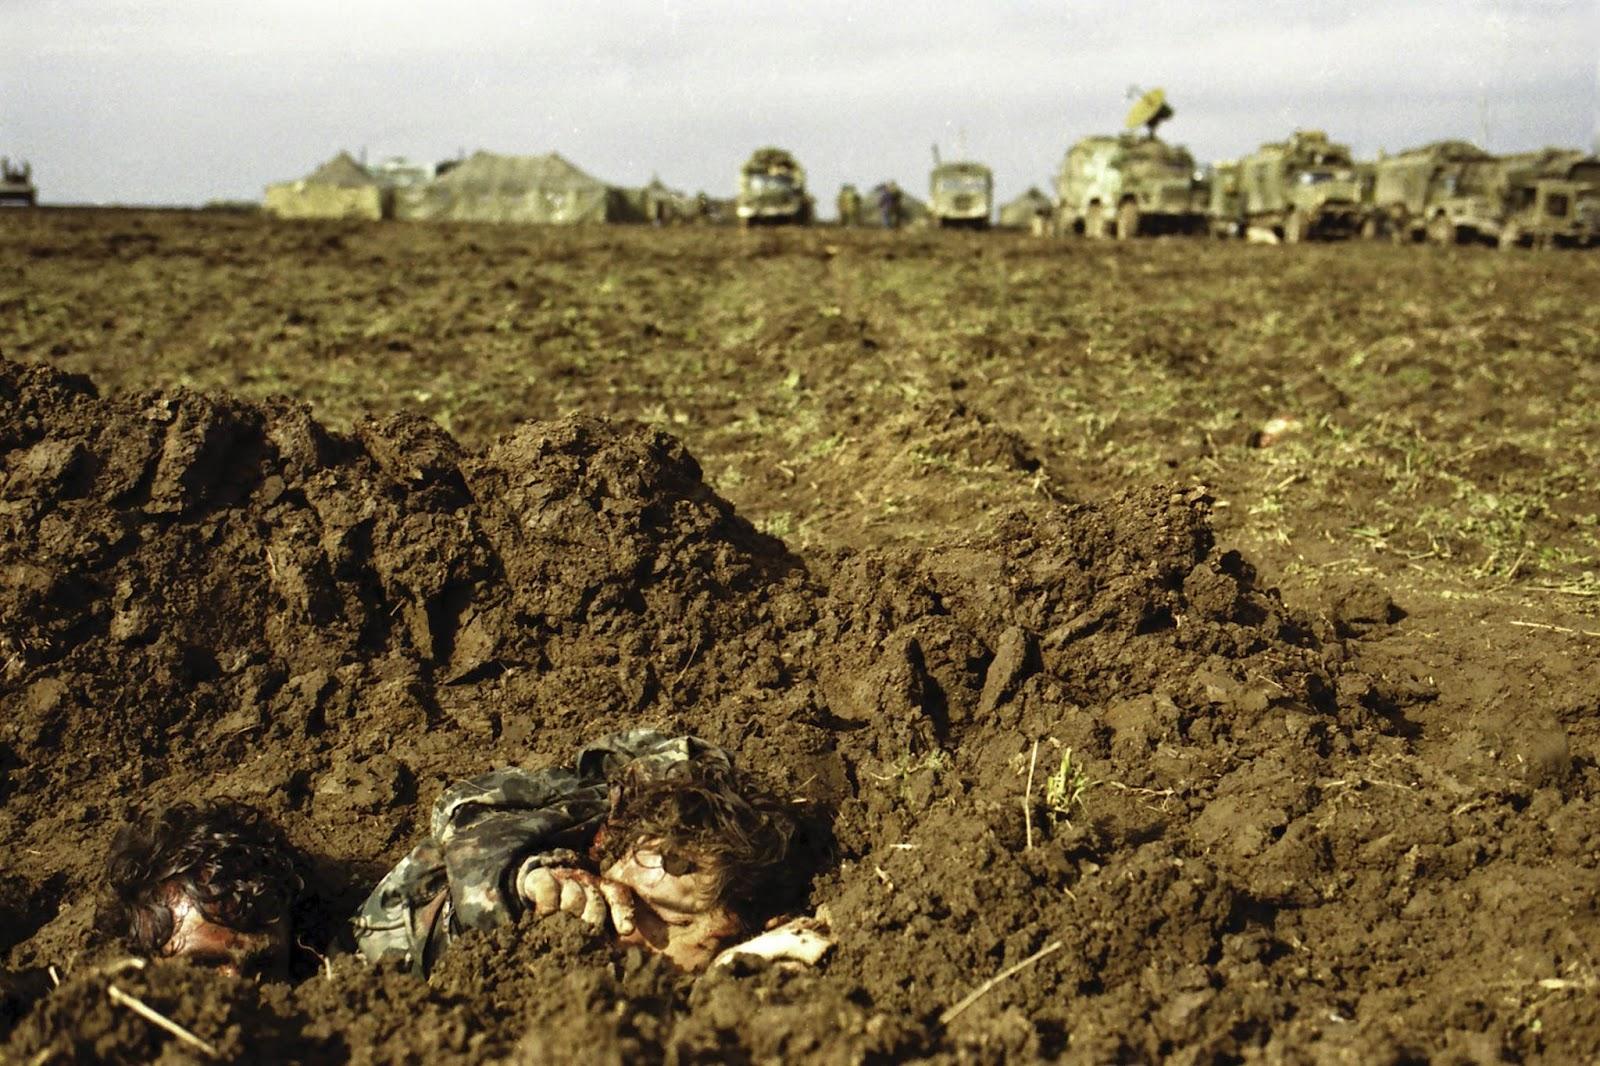 Солдаты насилуют женщин 31 фотография